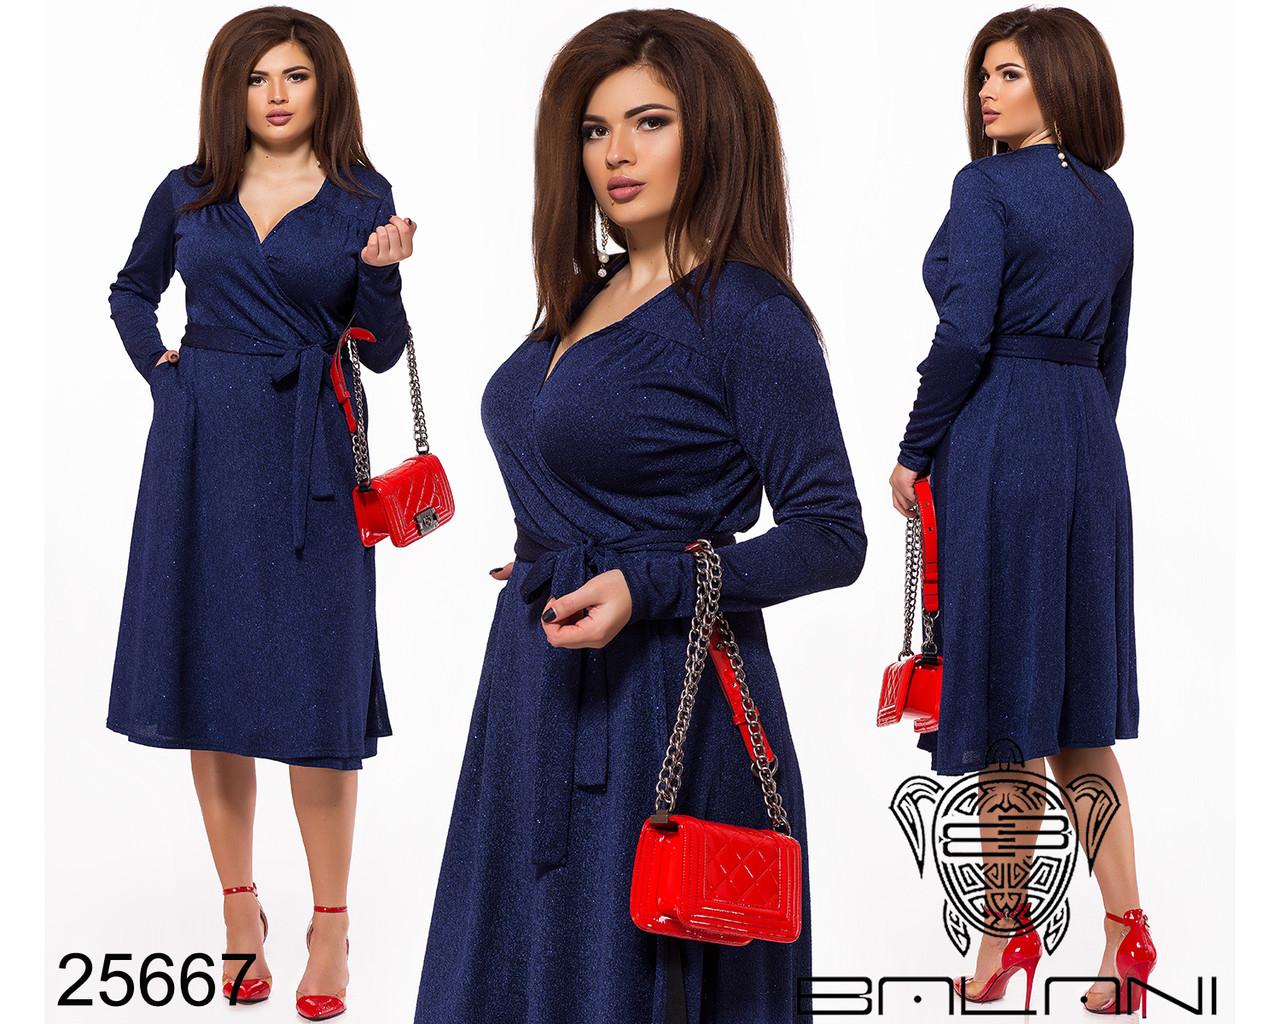 abed92ef241 Платье Вечернее на Запах - 25667 — в Категории